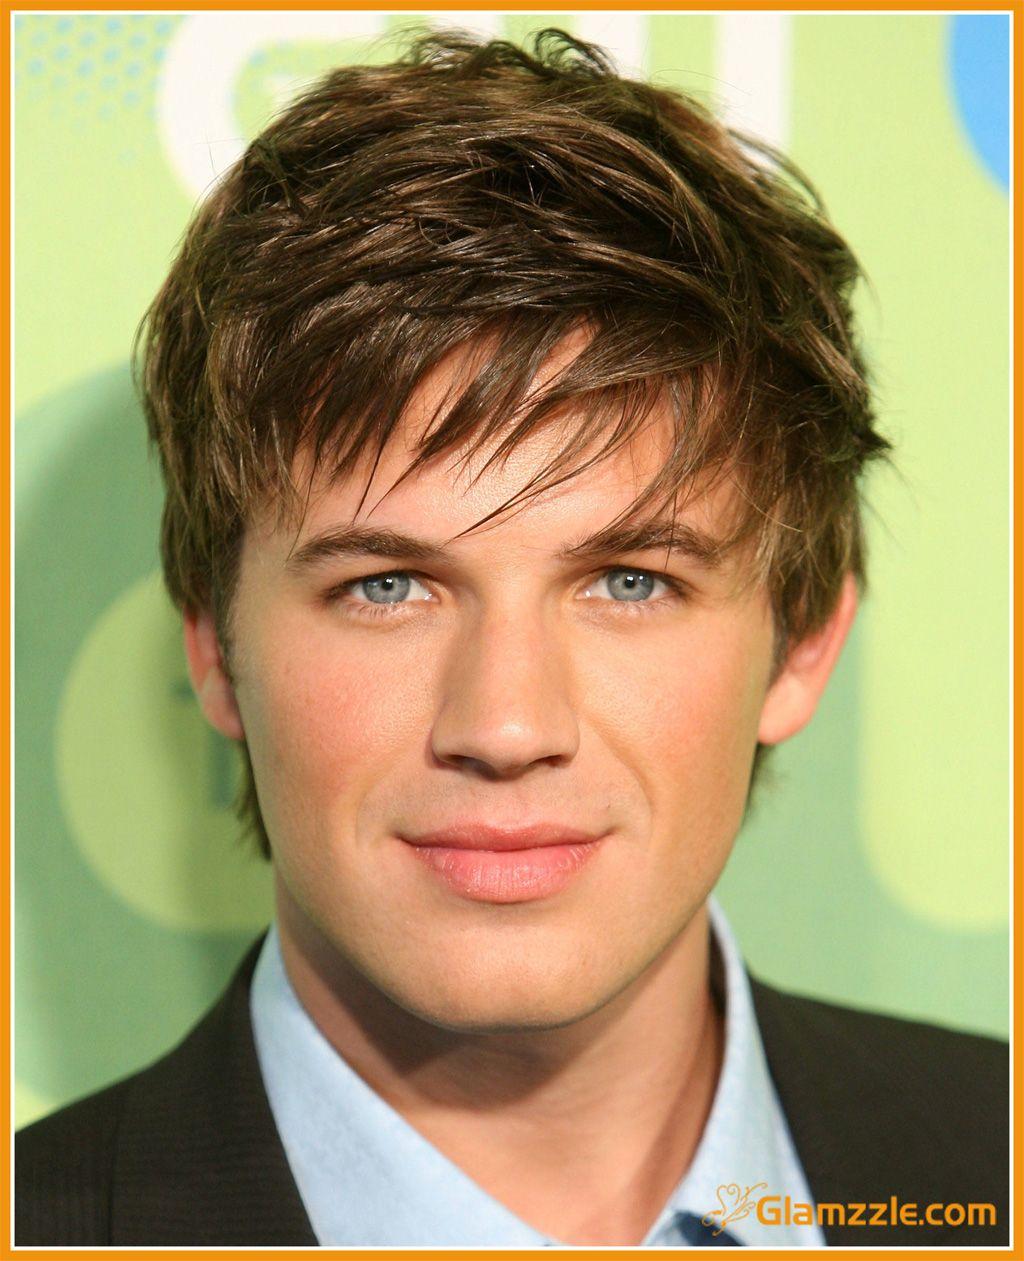 Medium short haircut men el messy hairstyle se caracteriza por líneas disparejas y con un